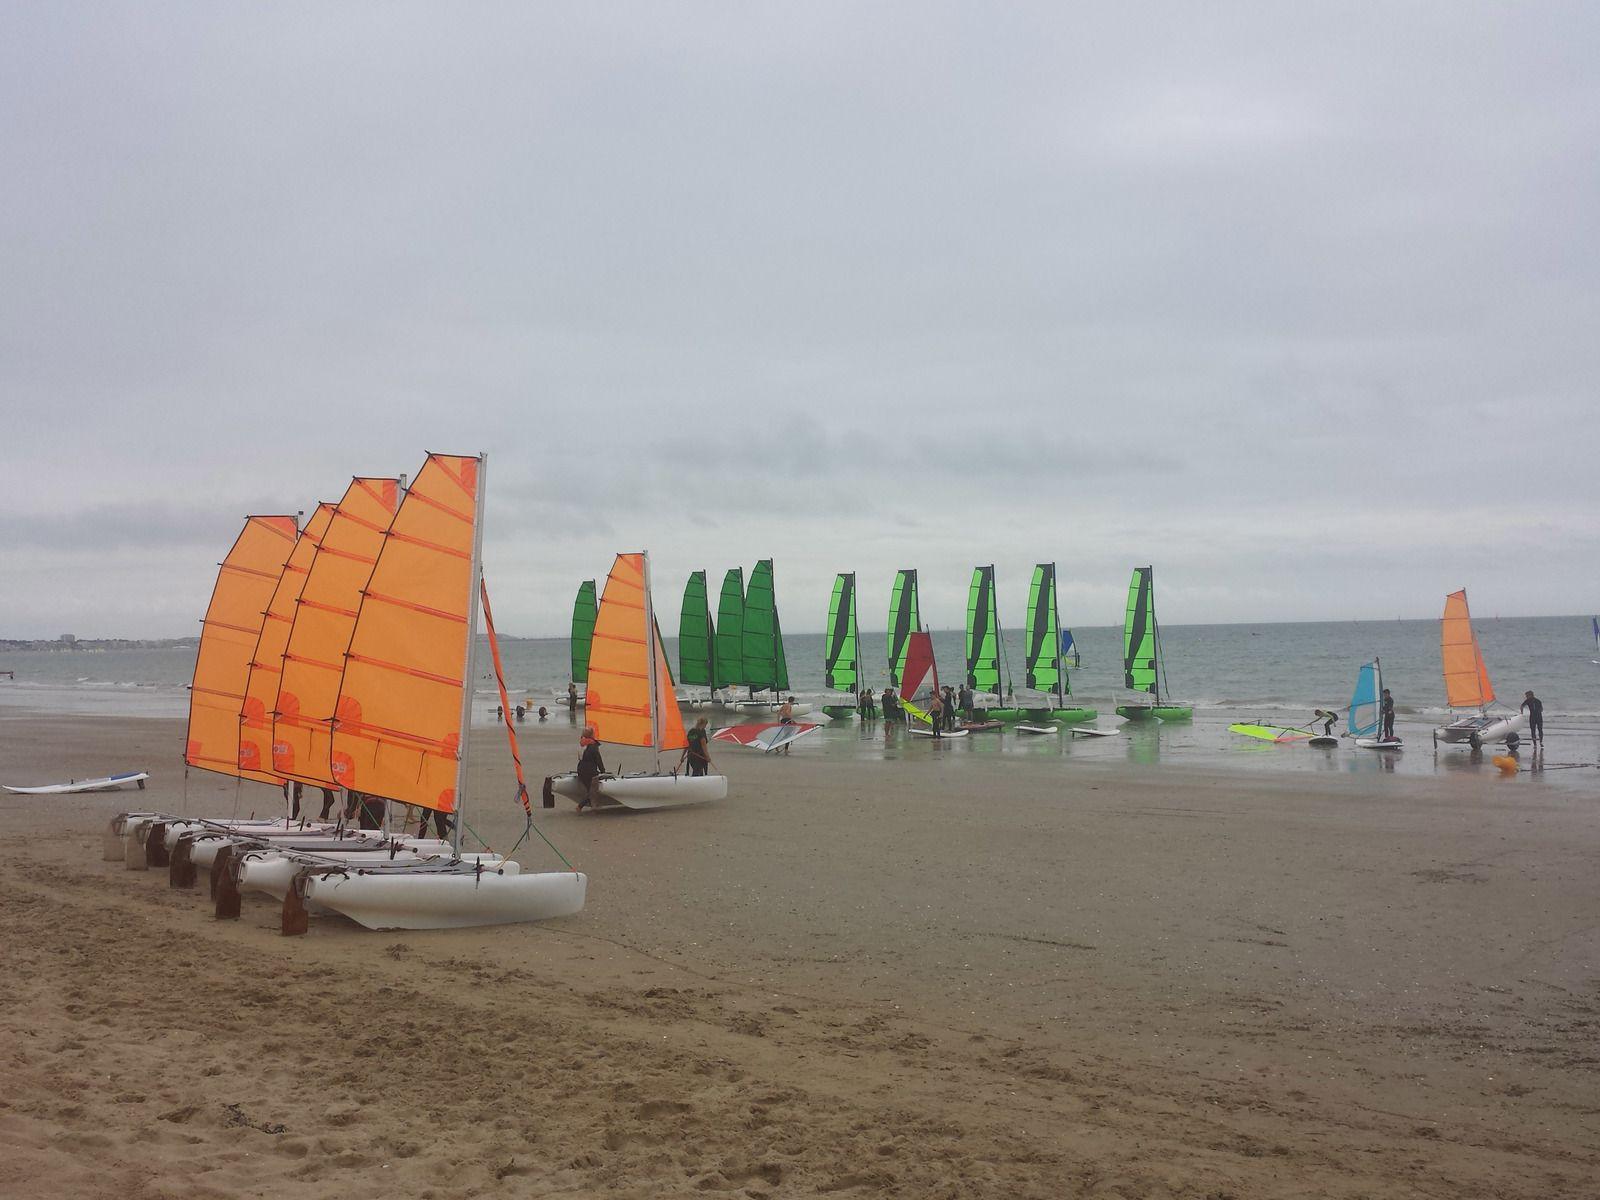 La plage et ses catamarans